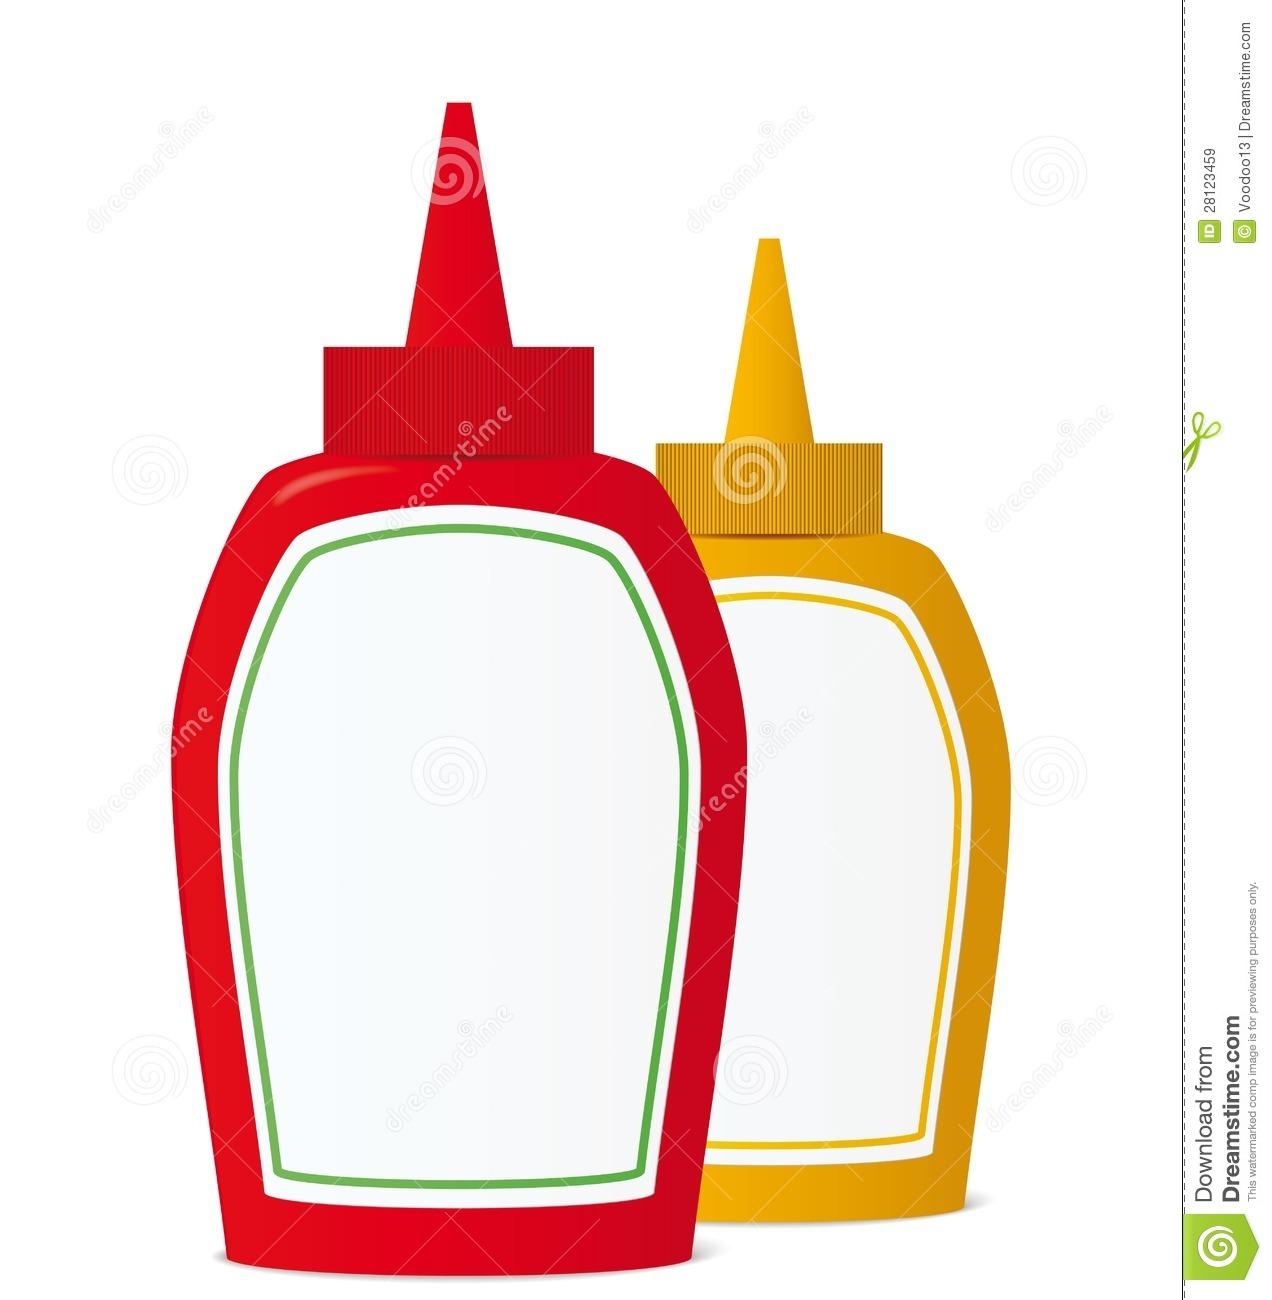 Mustard And Ketchup Clipart.